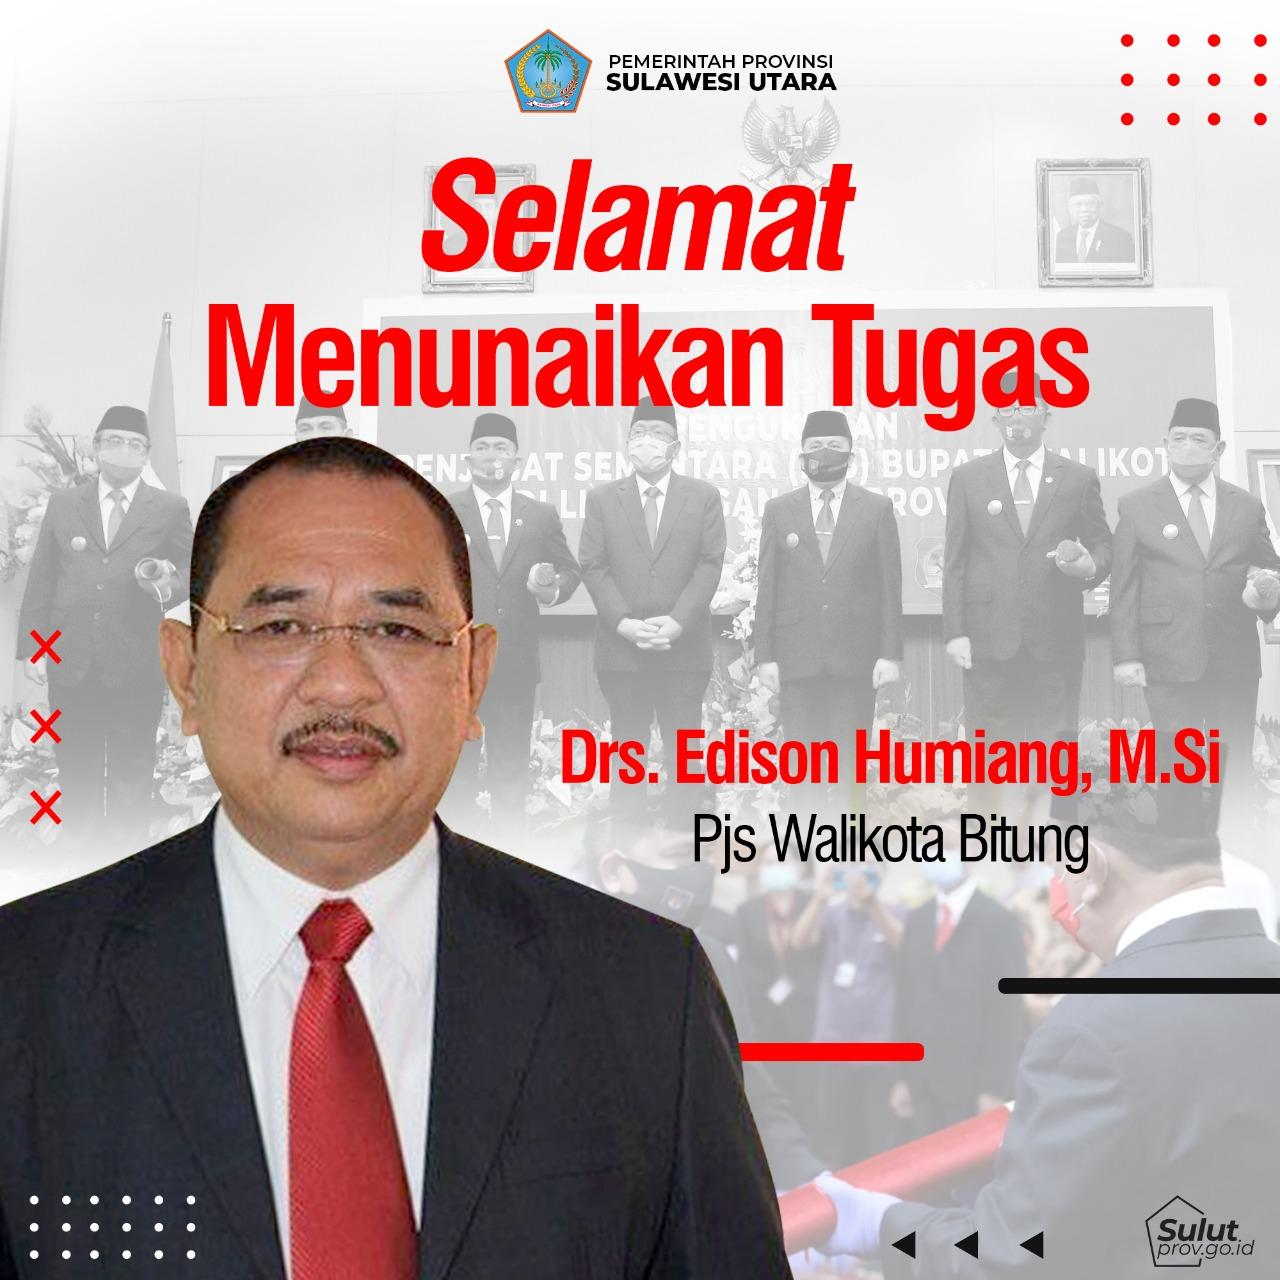 Selamat Menunaikan Tugas PJS Walikota Bitung